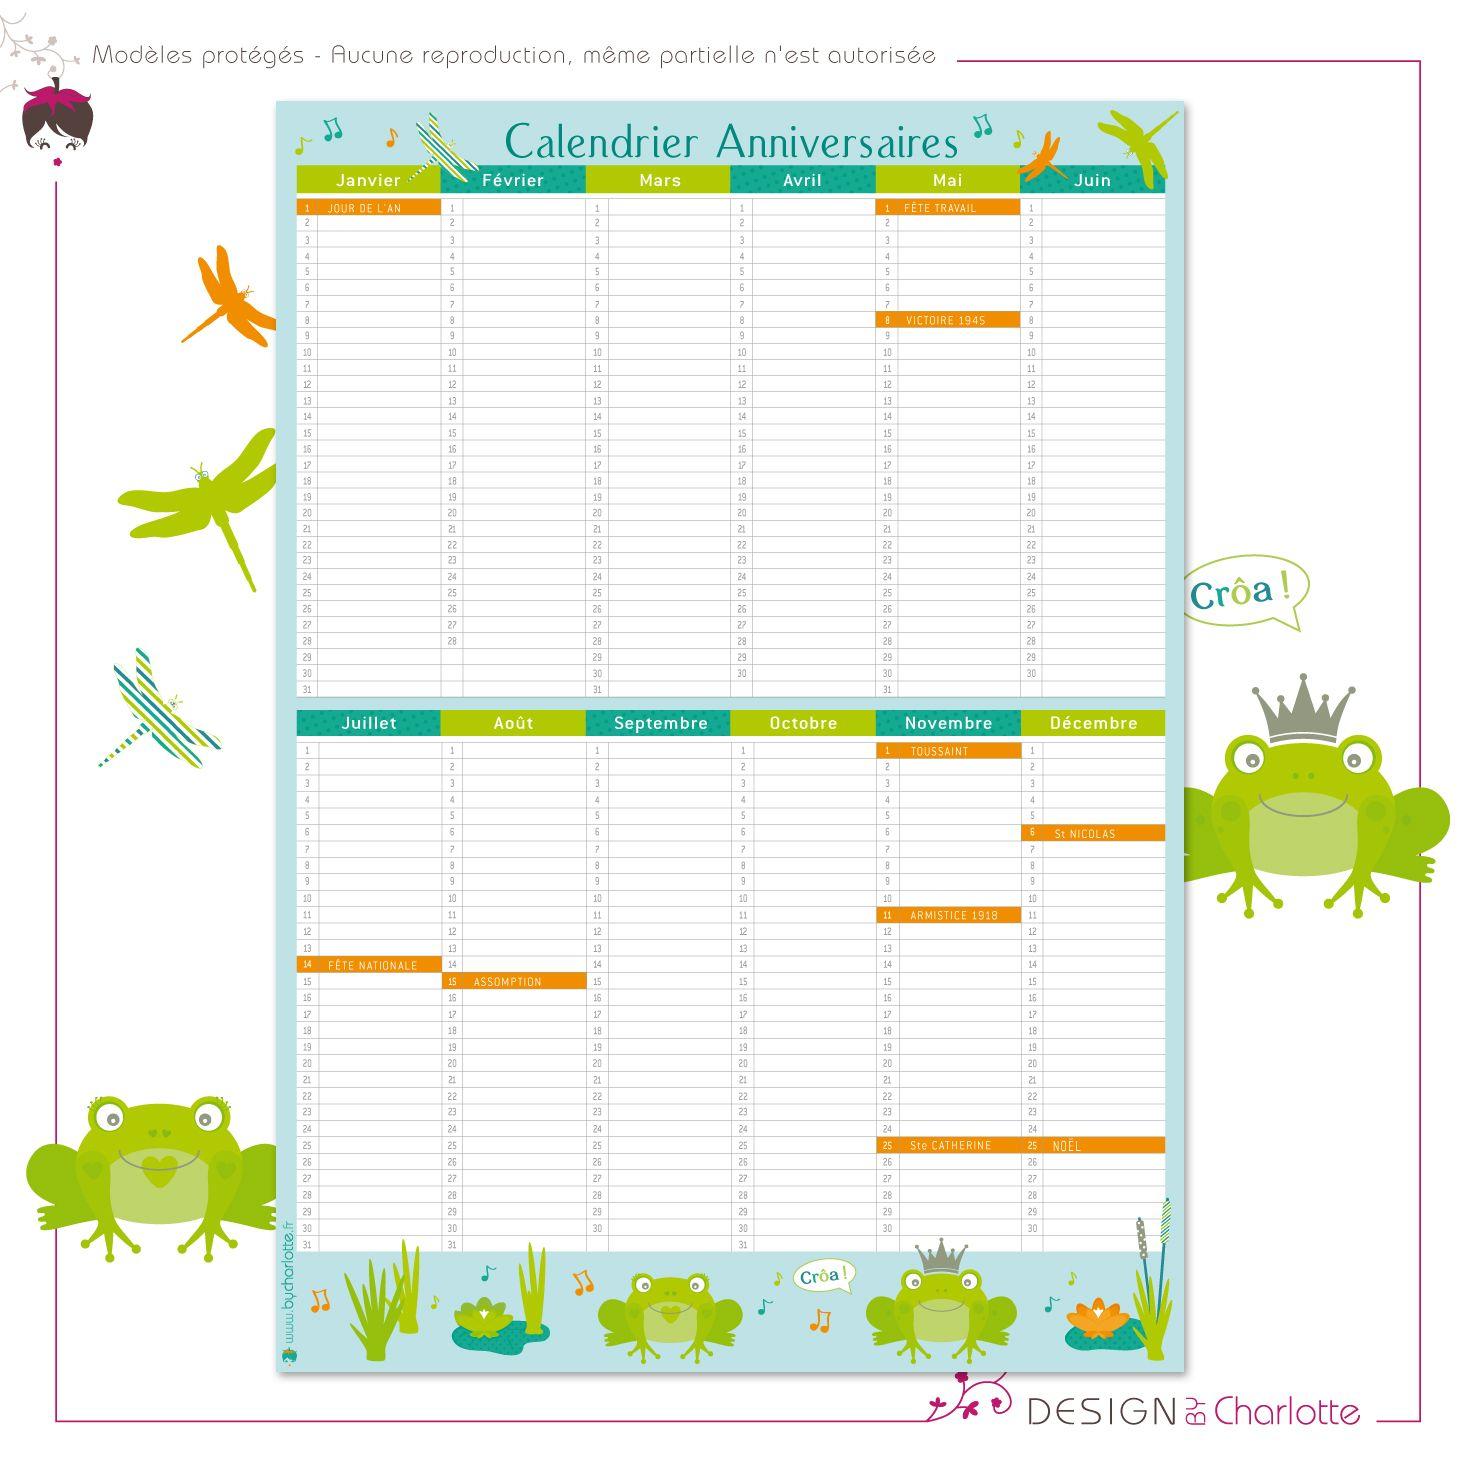 calendrier perp tuel grenouille vous pourrez noter tous les anniversaires et les f tes pour ne. Black Bedroom Furniture Sets. Home Design Ideas